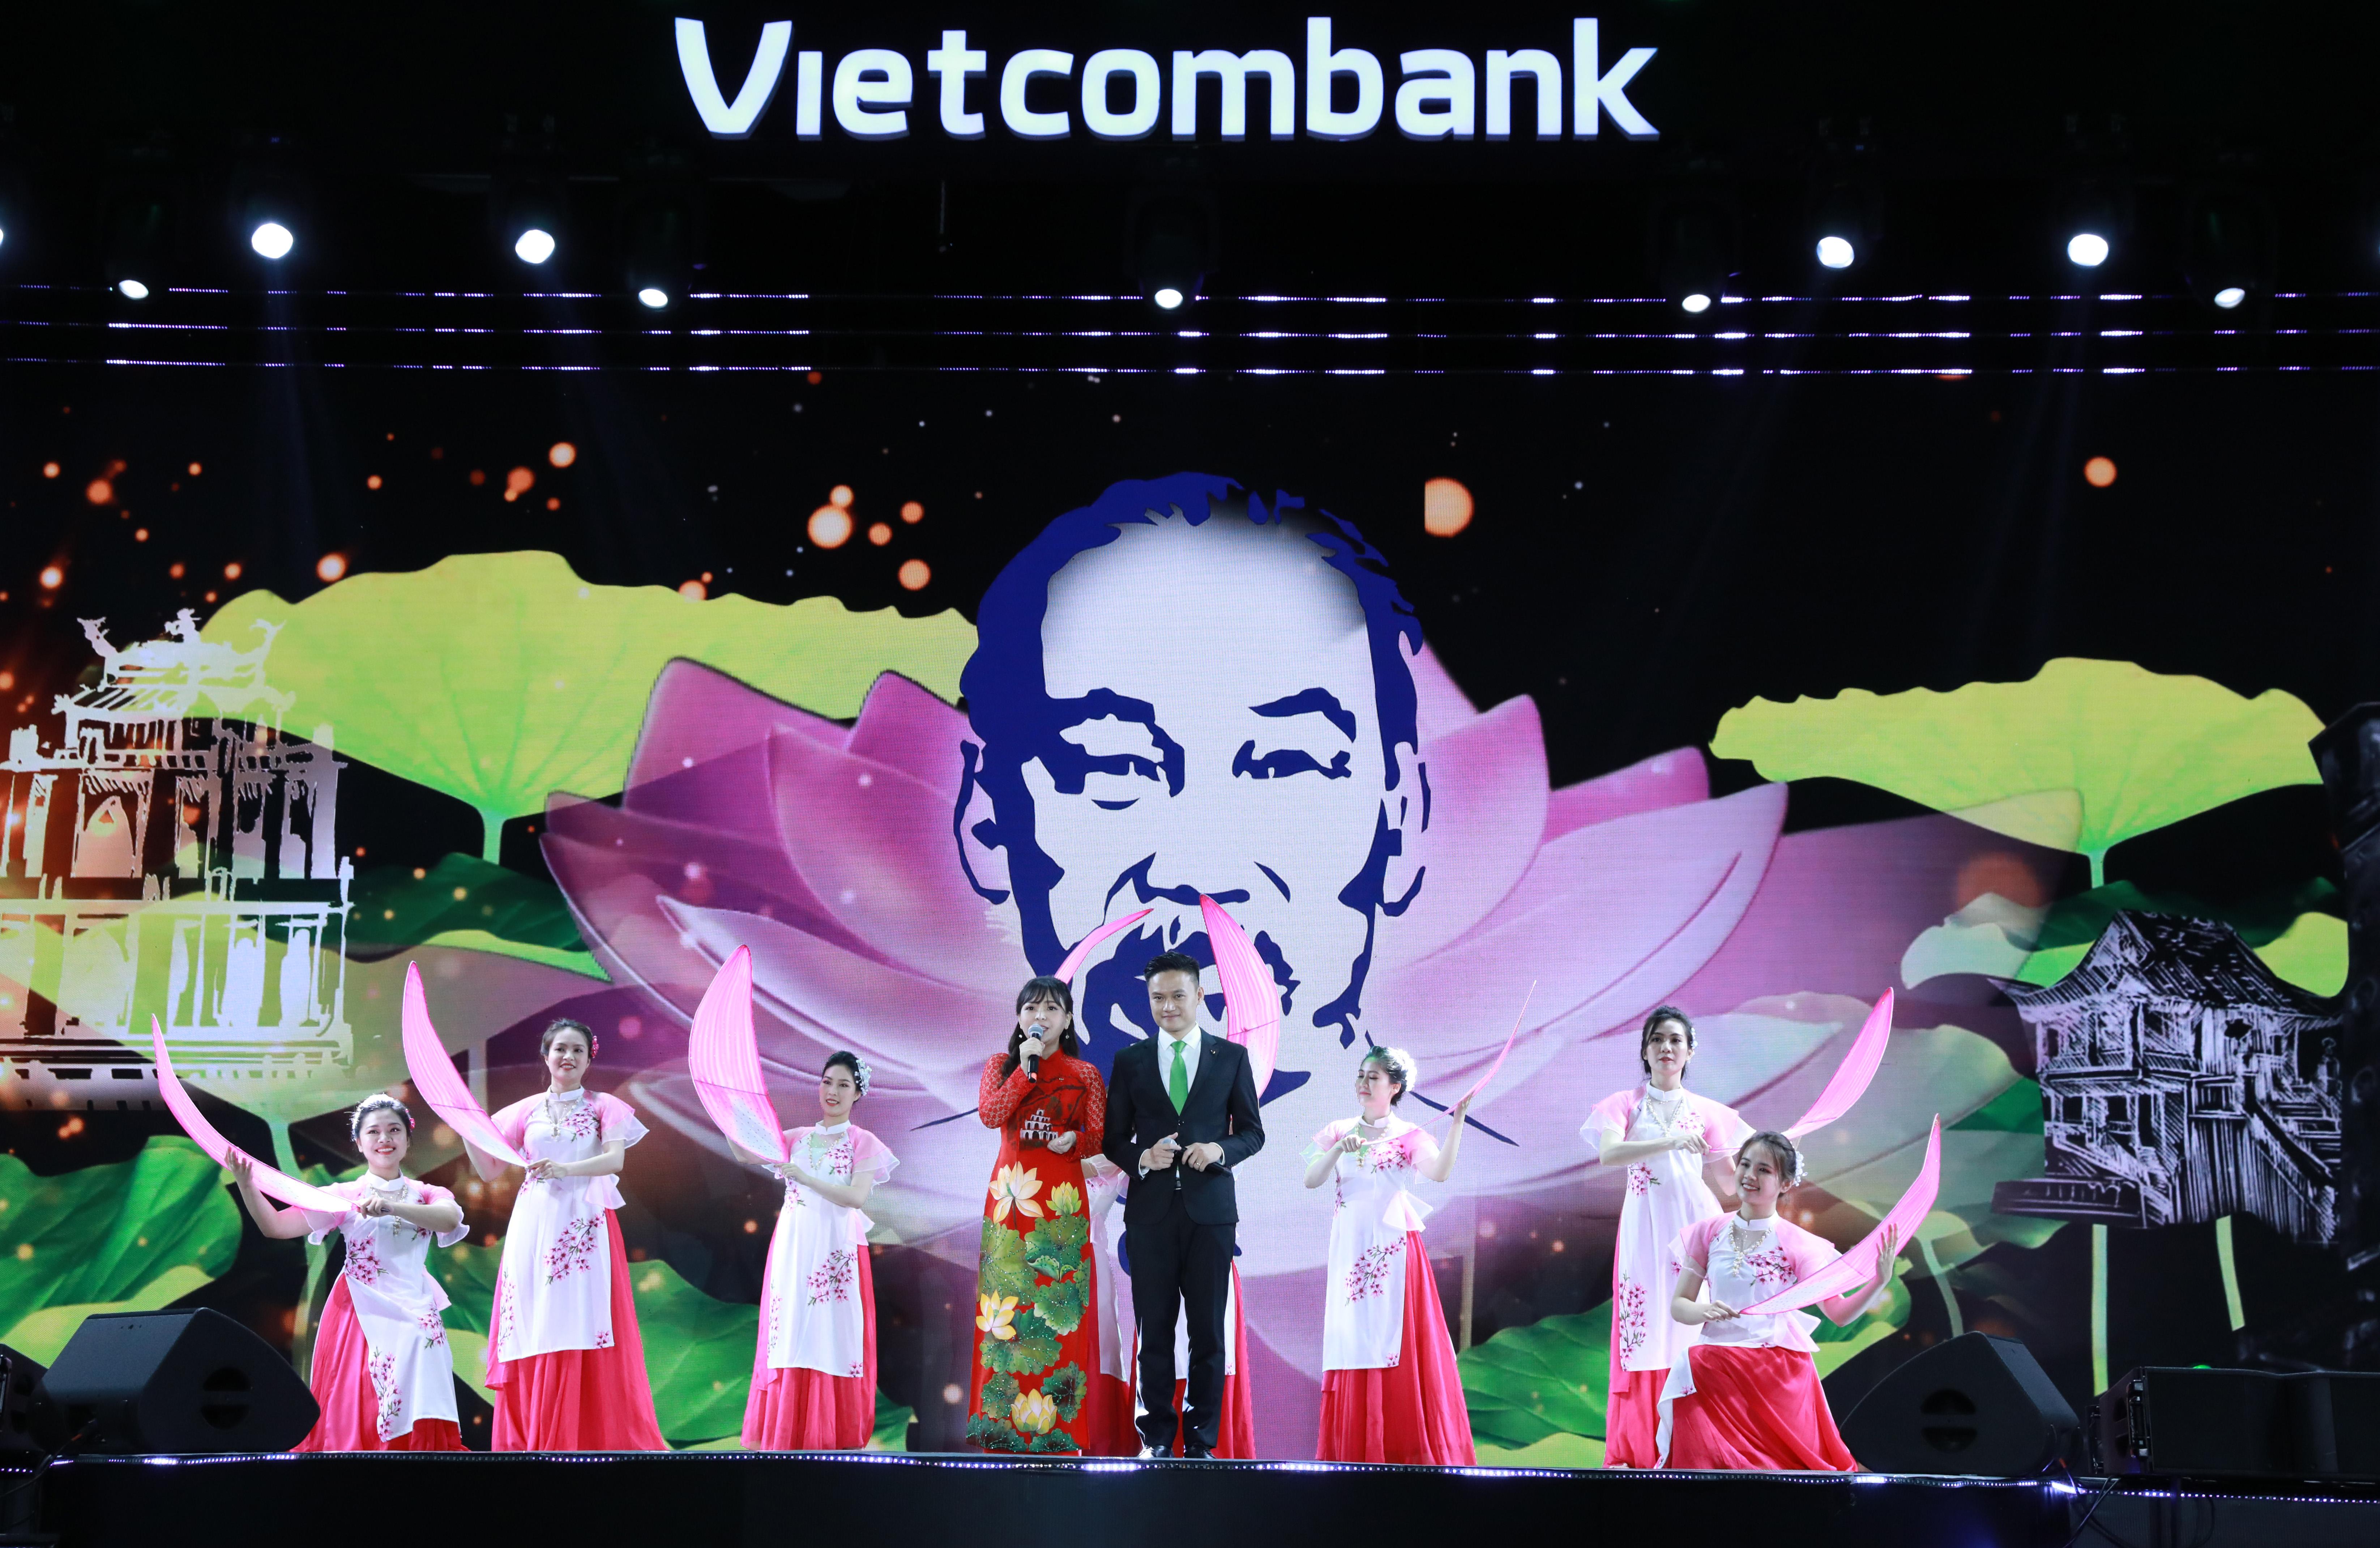 """Chung khảo hội thi """"Văn hóa Vietcombank dưới ánh sáng tư tưởng Hồ Chí Minh"""""""